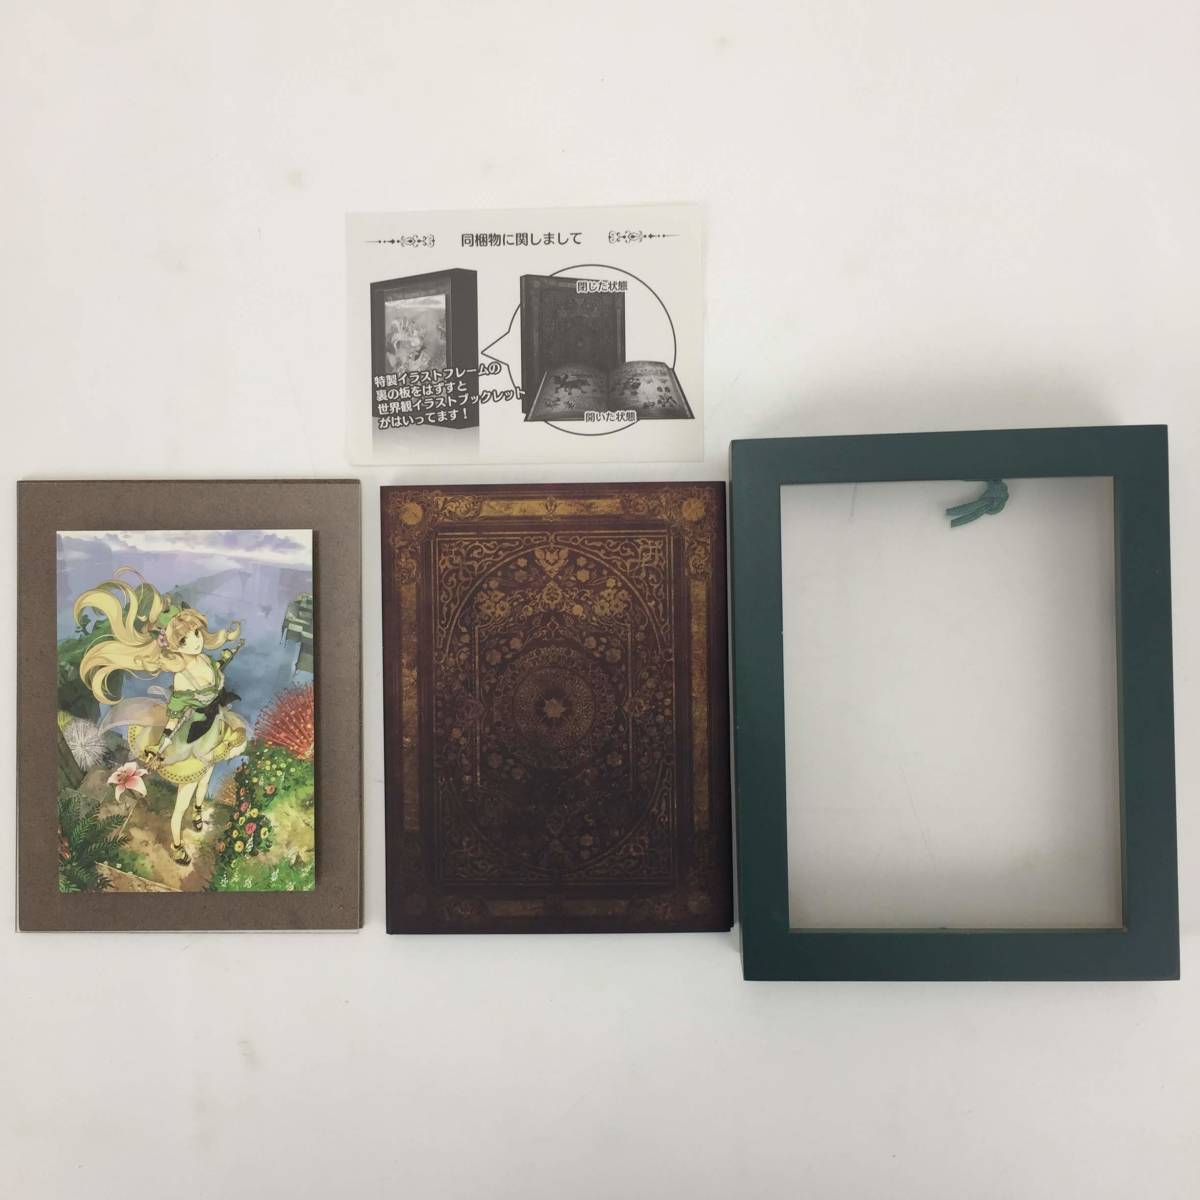 【1円~】中古 PS3 アトリエシリーズ プレミアムボックス 6本セット_画像4